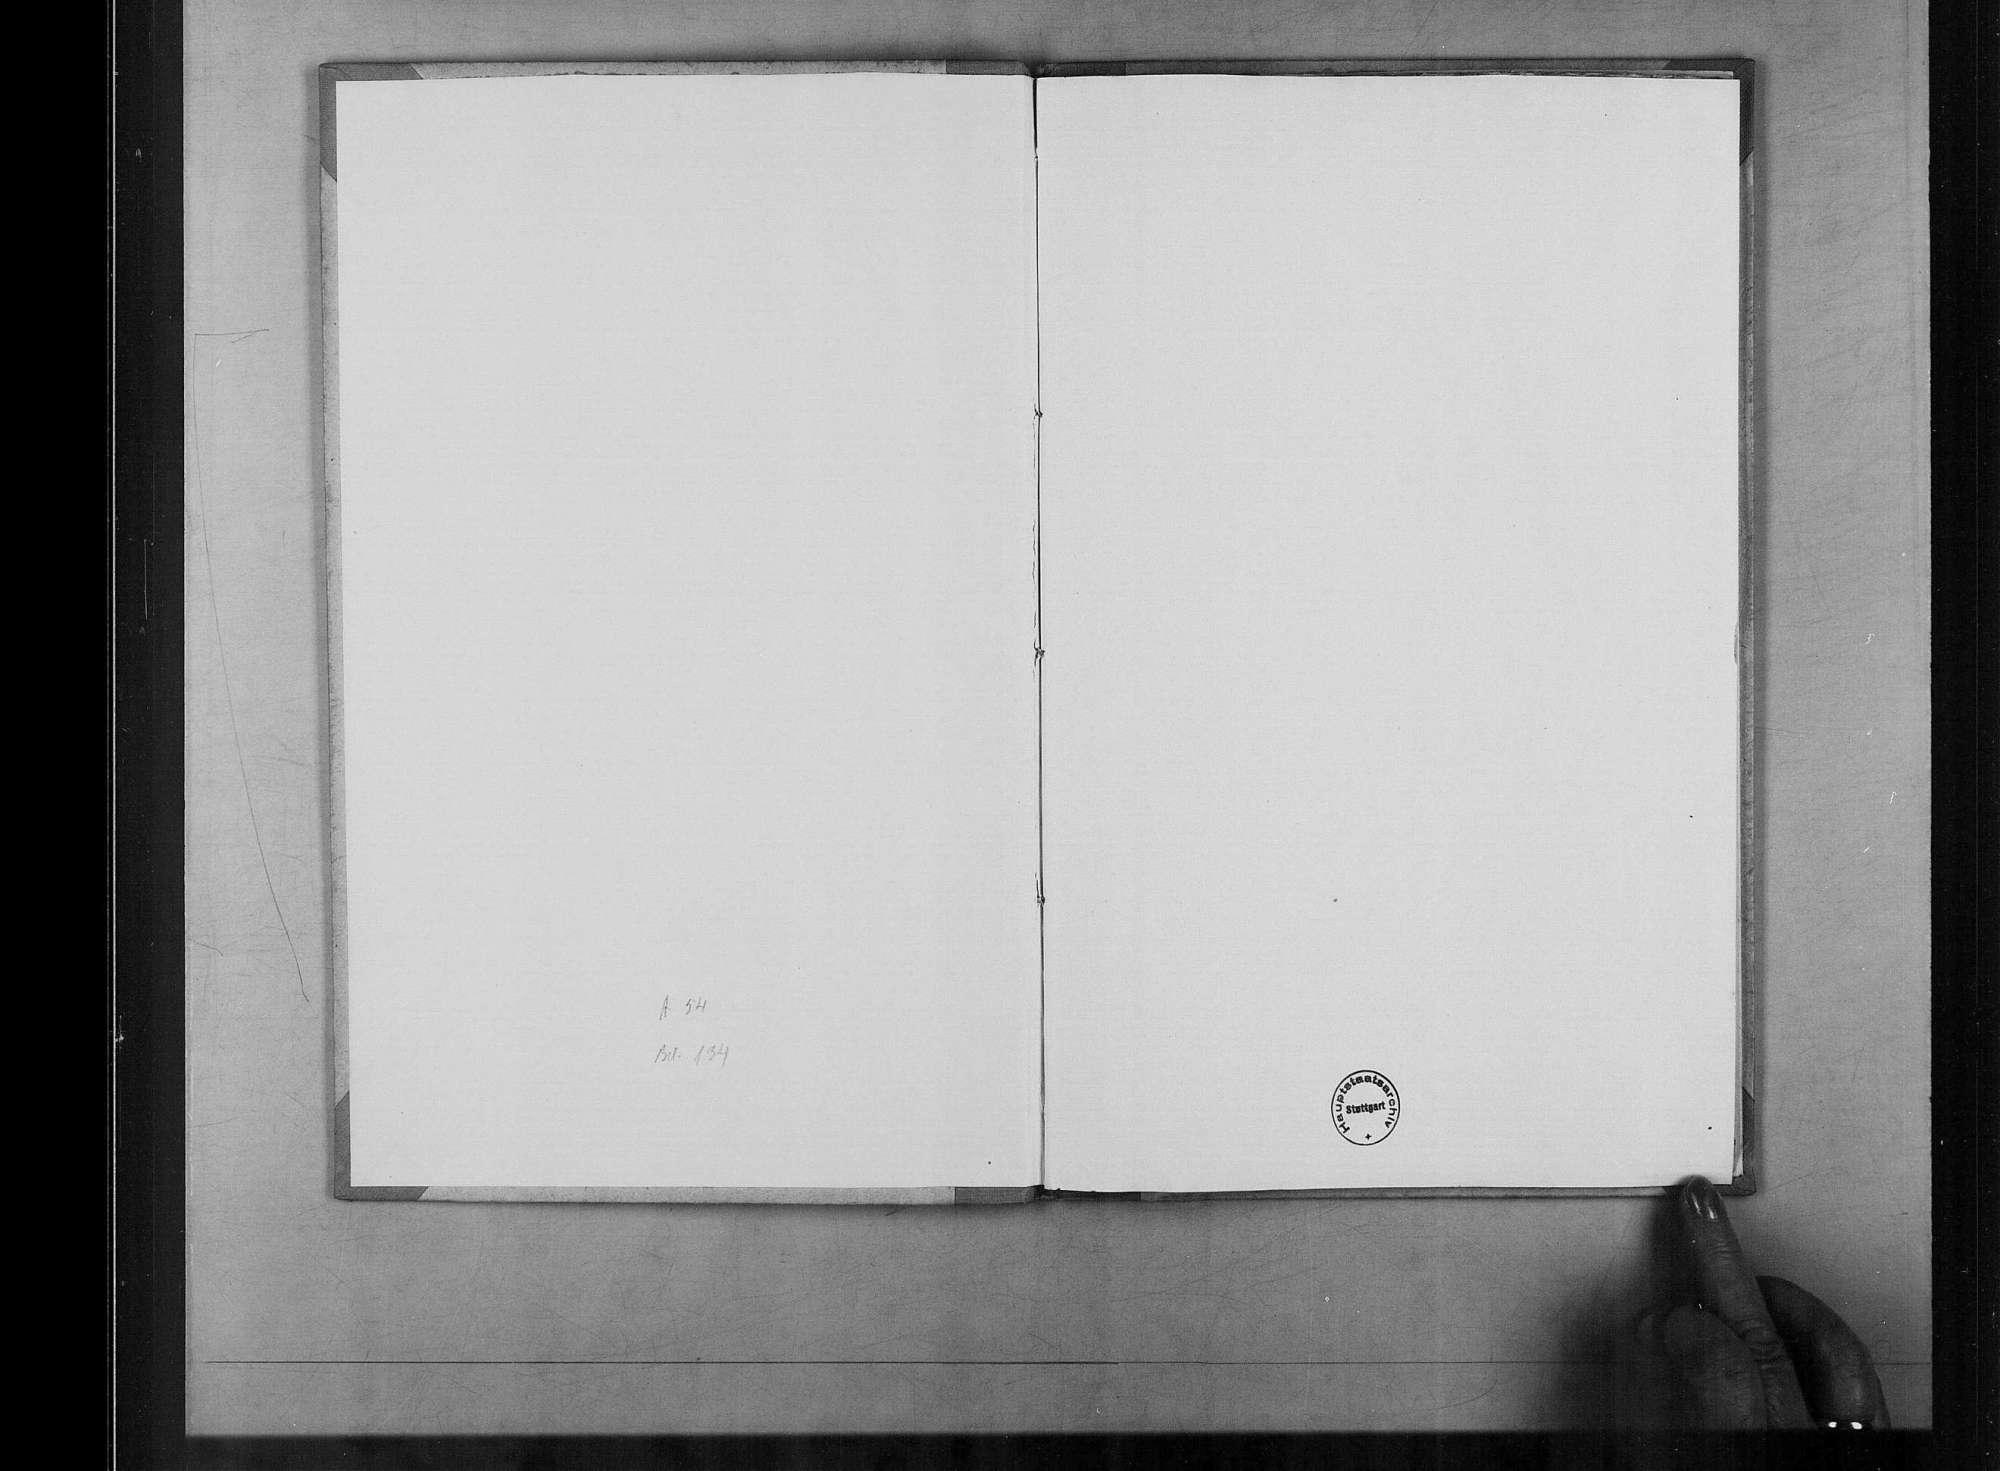 Ehingen, Bild 2